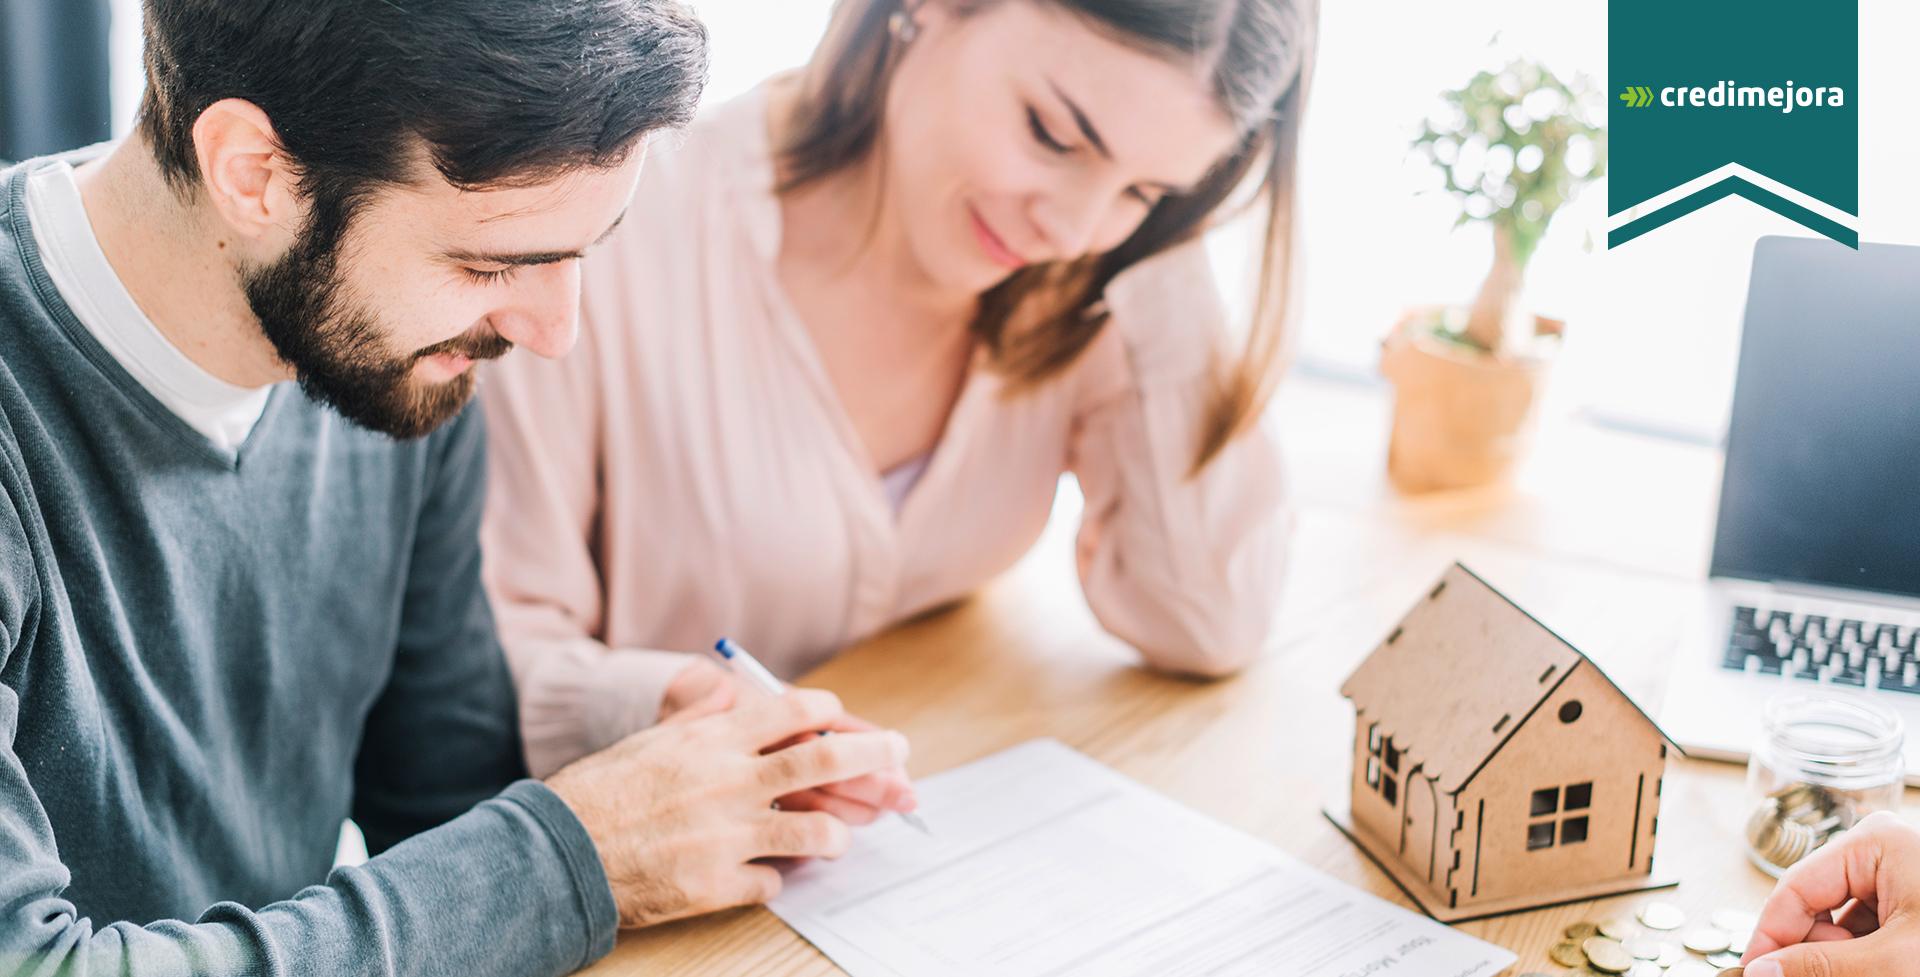 Cómo conseguir una mejora de hipoteca | Credimejora